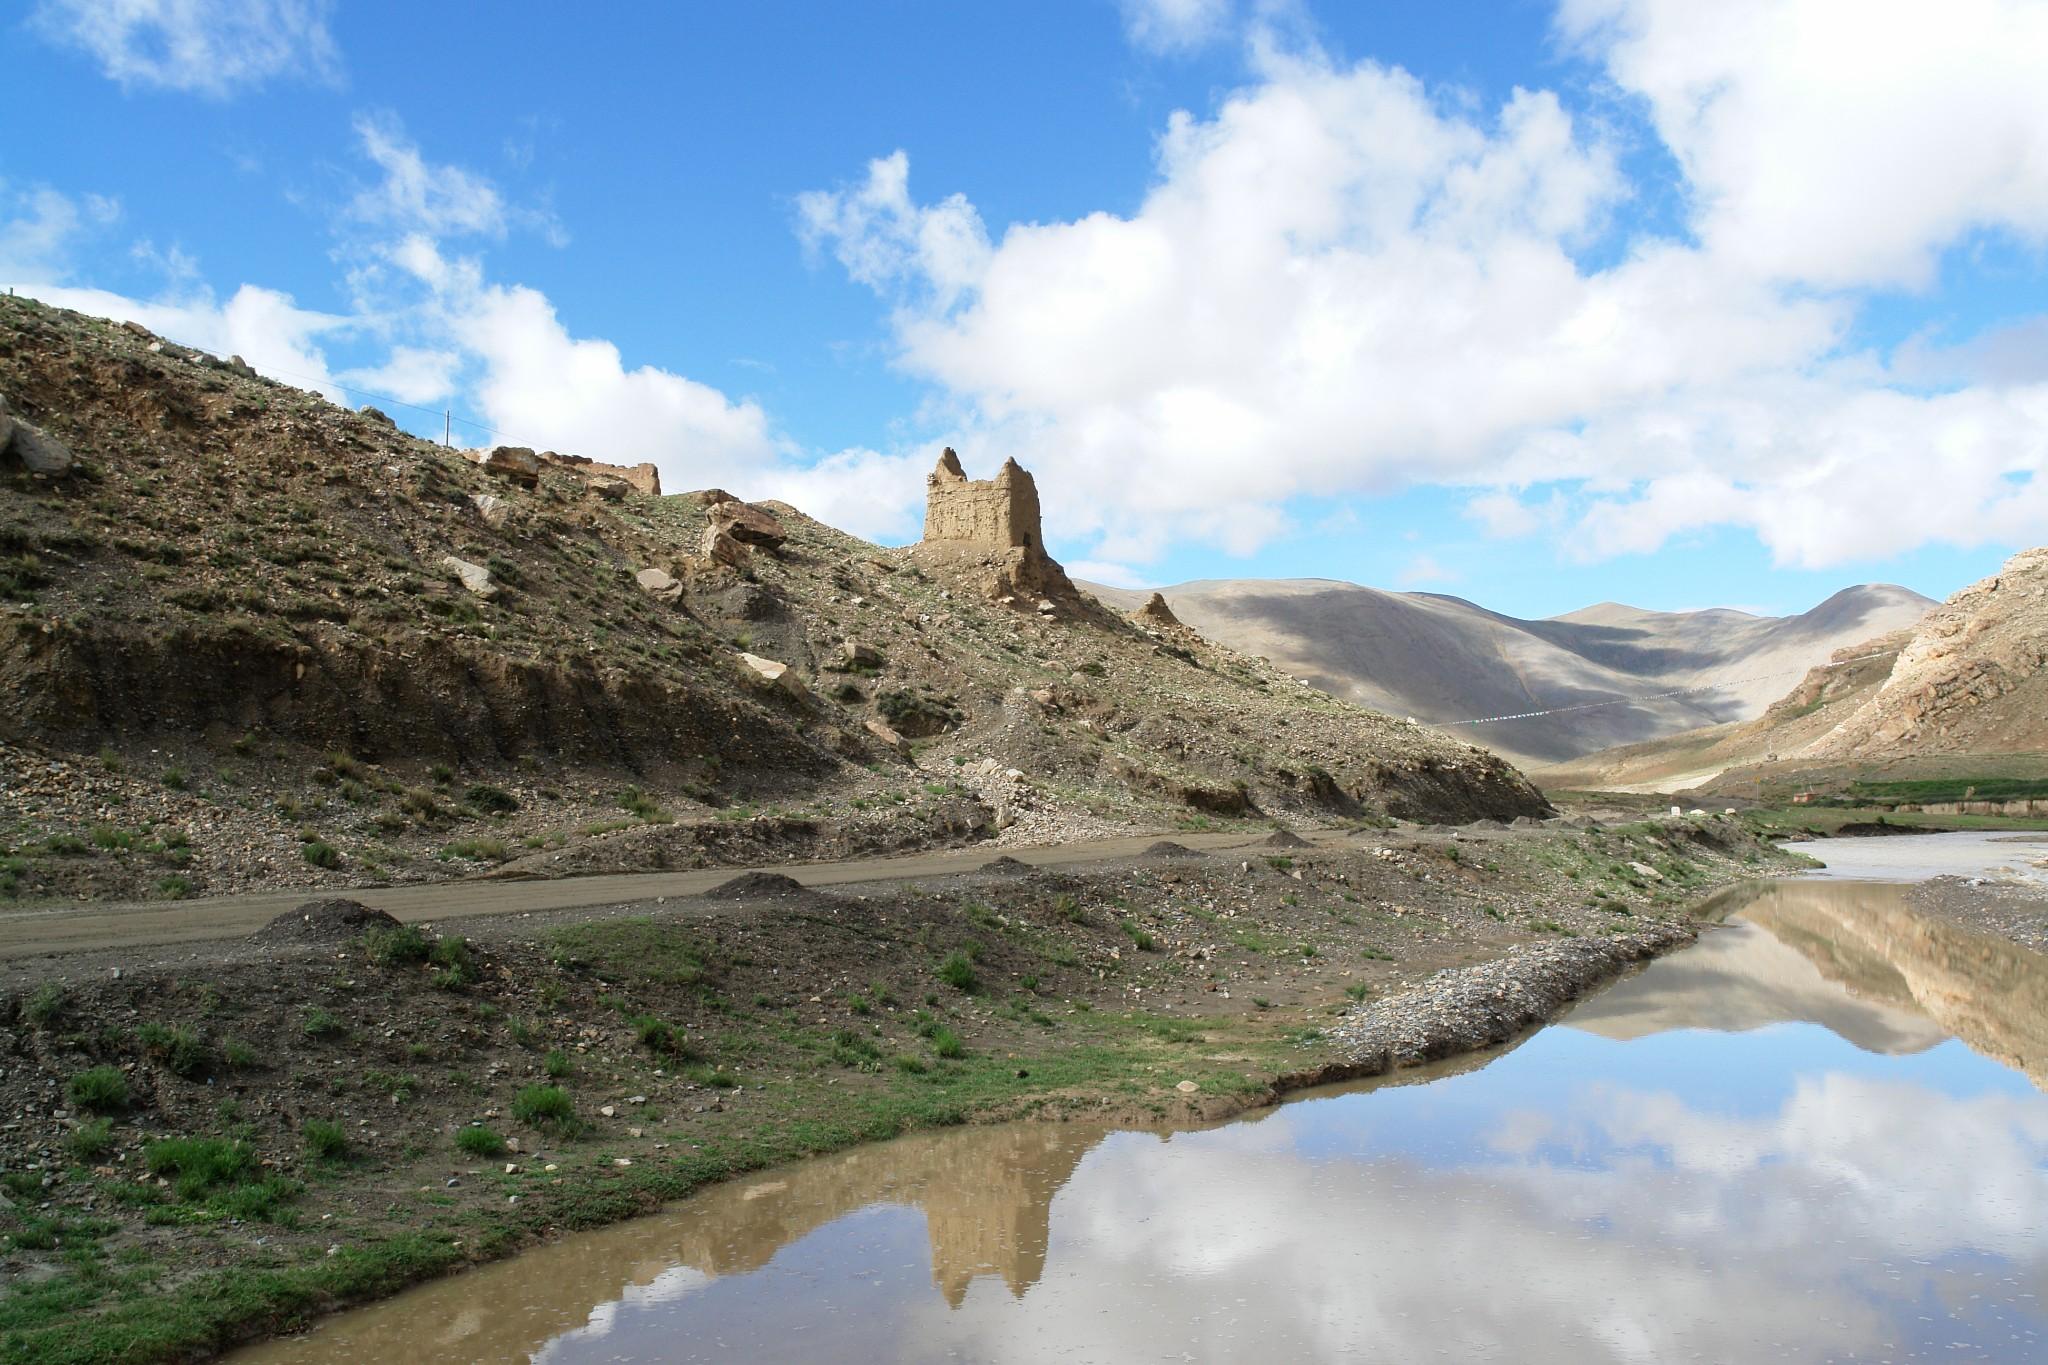 2006走过川、青、藏之延伸(1)~从拉萨到加德满都_游记